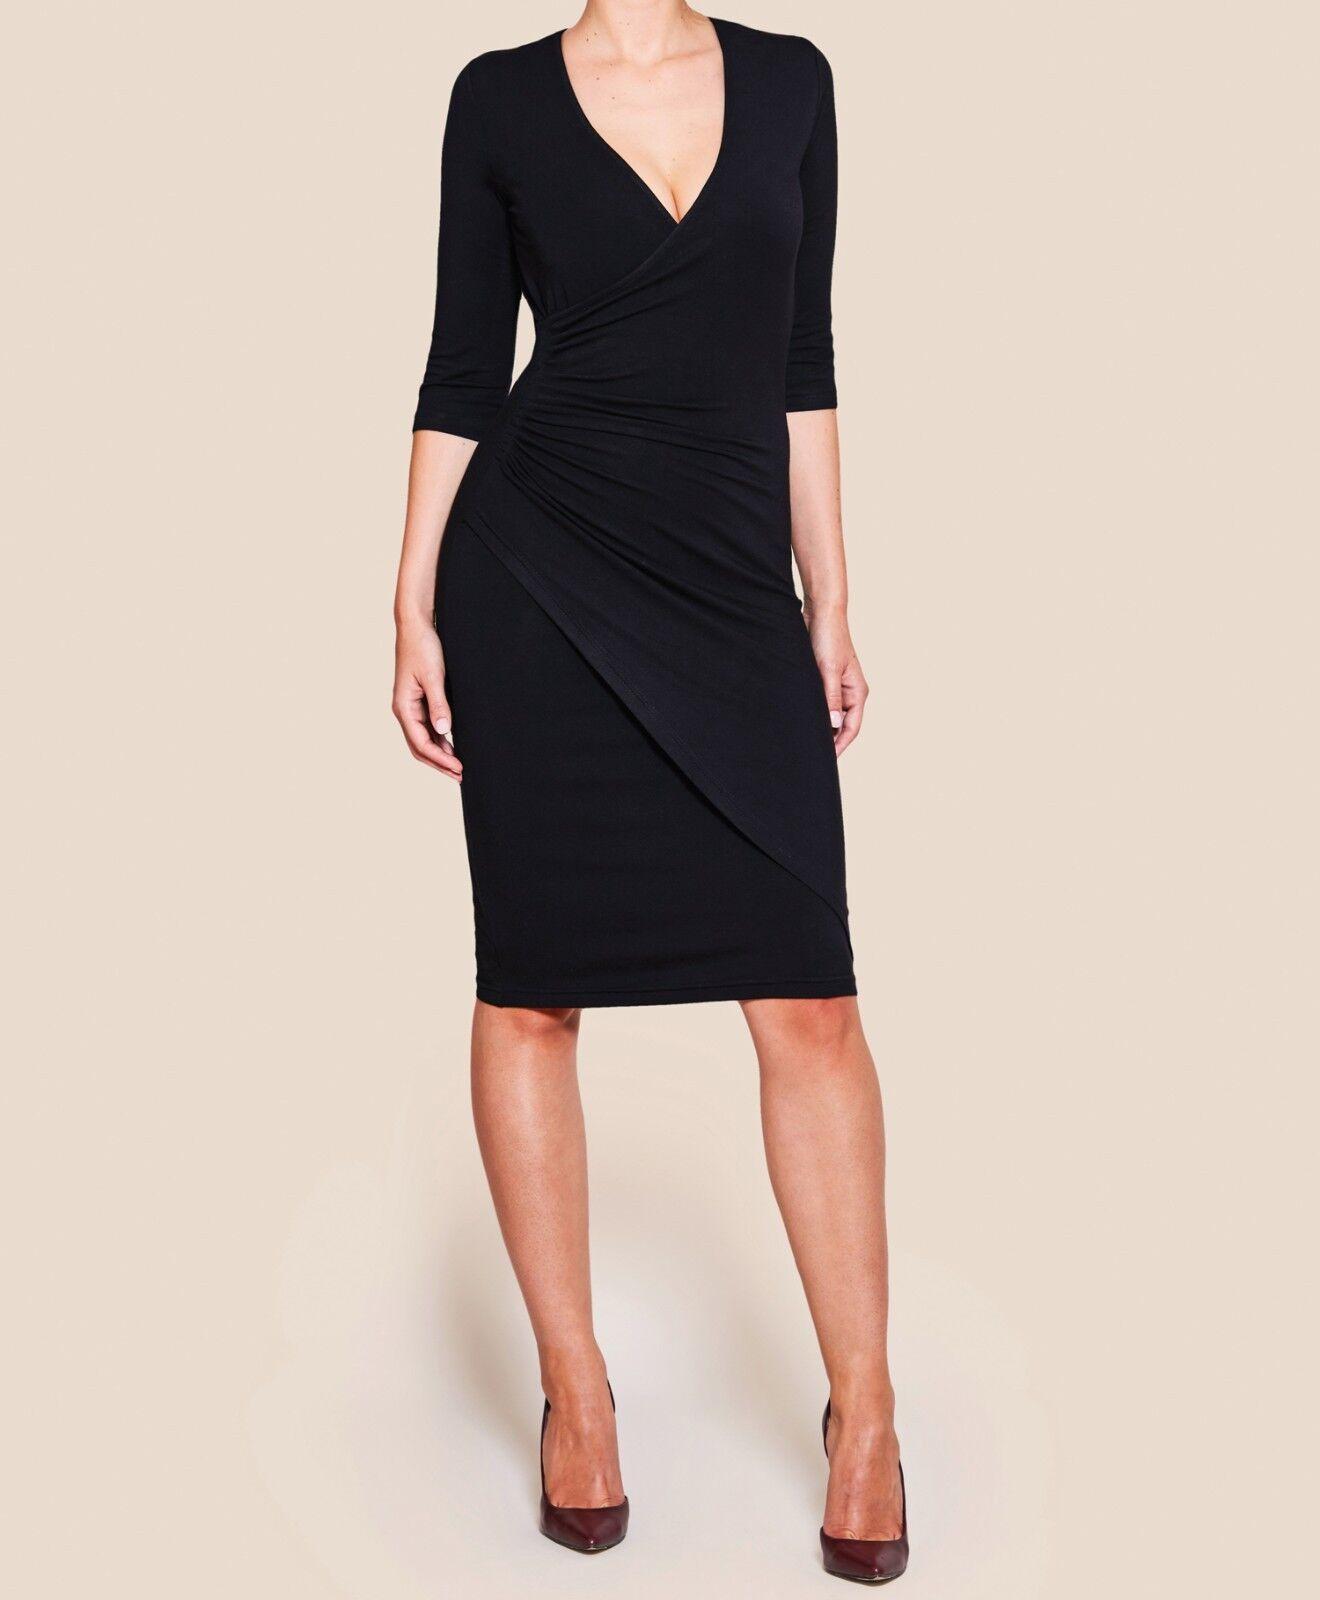 Jerseykleid in Wickeloptik mit 3 4-Arm in den Größen 34-46 erhältlich